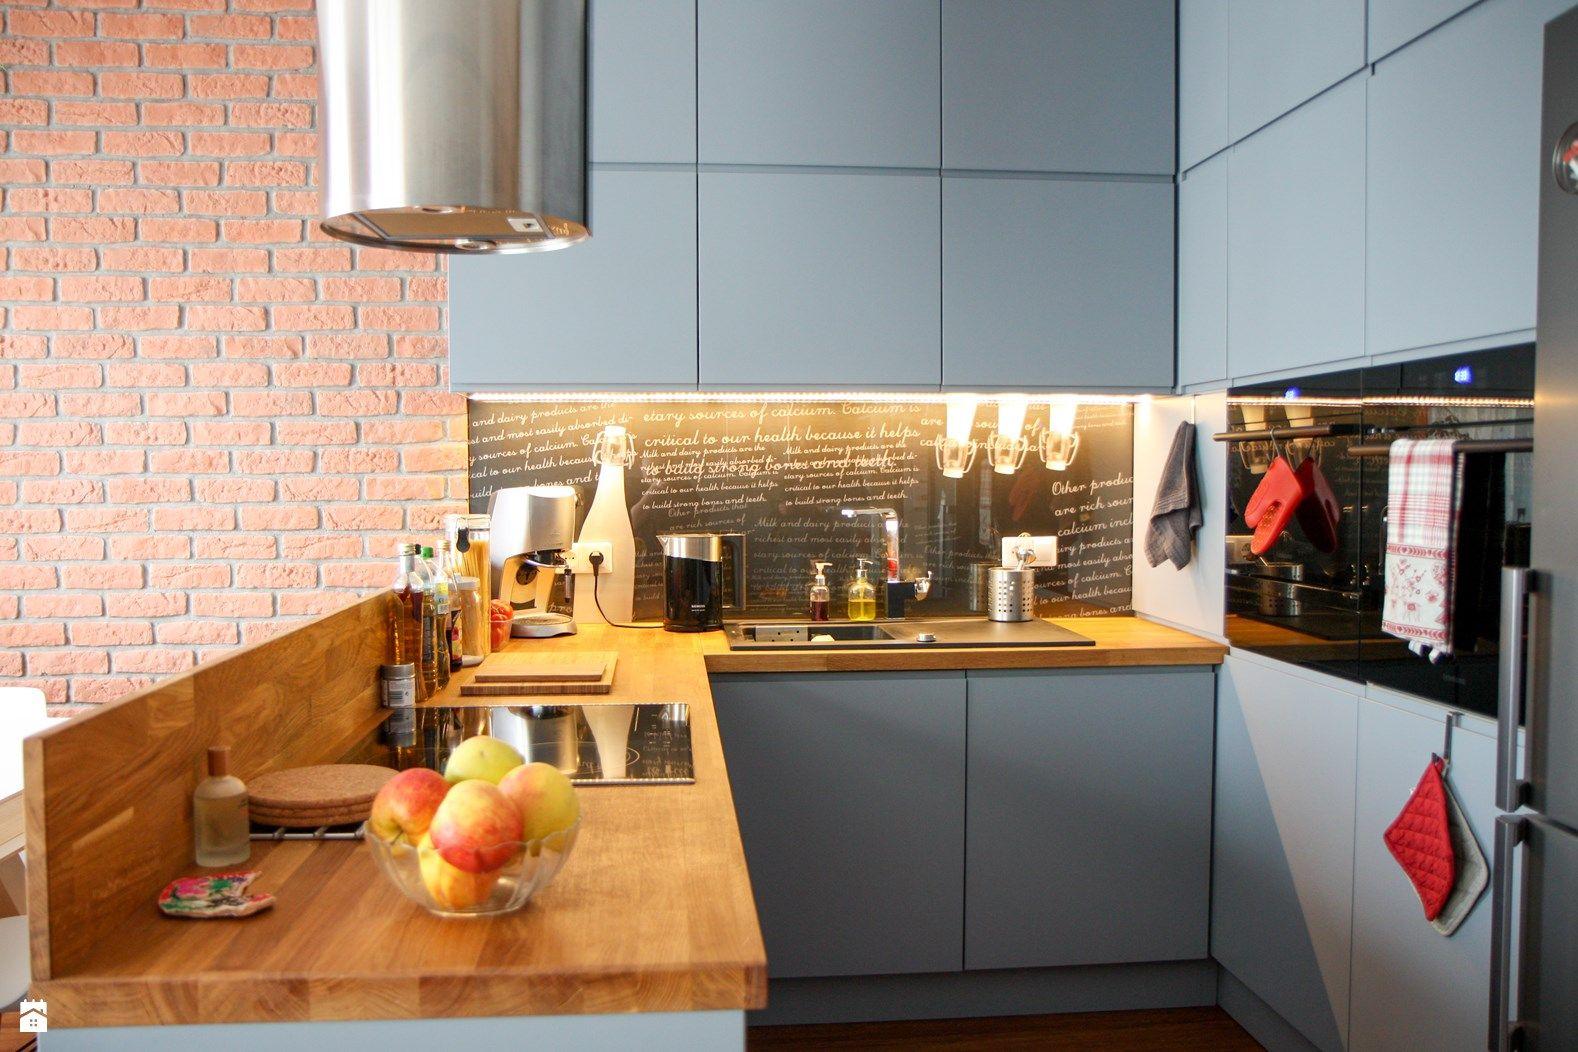 MIOKO kuchnia w szarości z drewnem  zdjęcie od MIOKO   -> Kuchnia Biala Polysk Z Drewnem